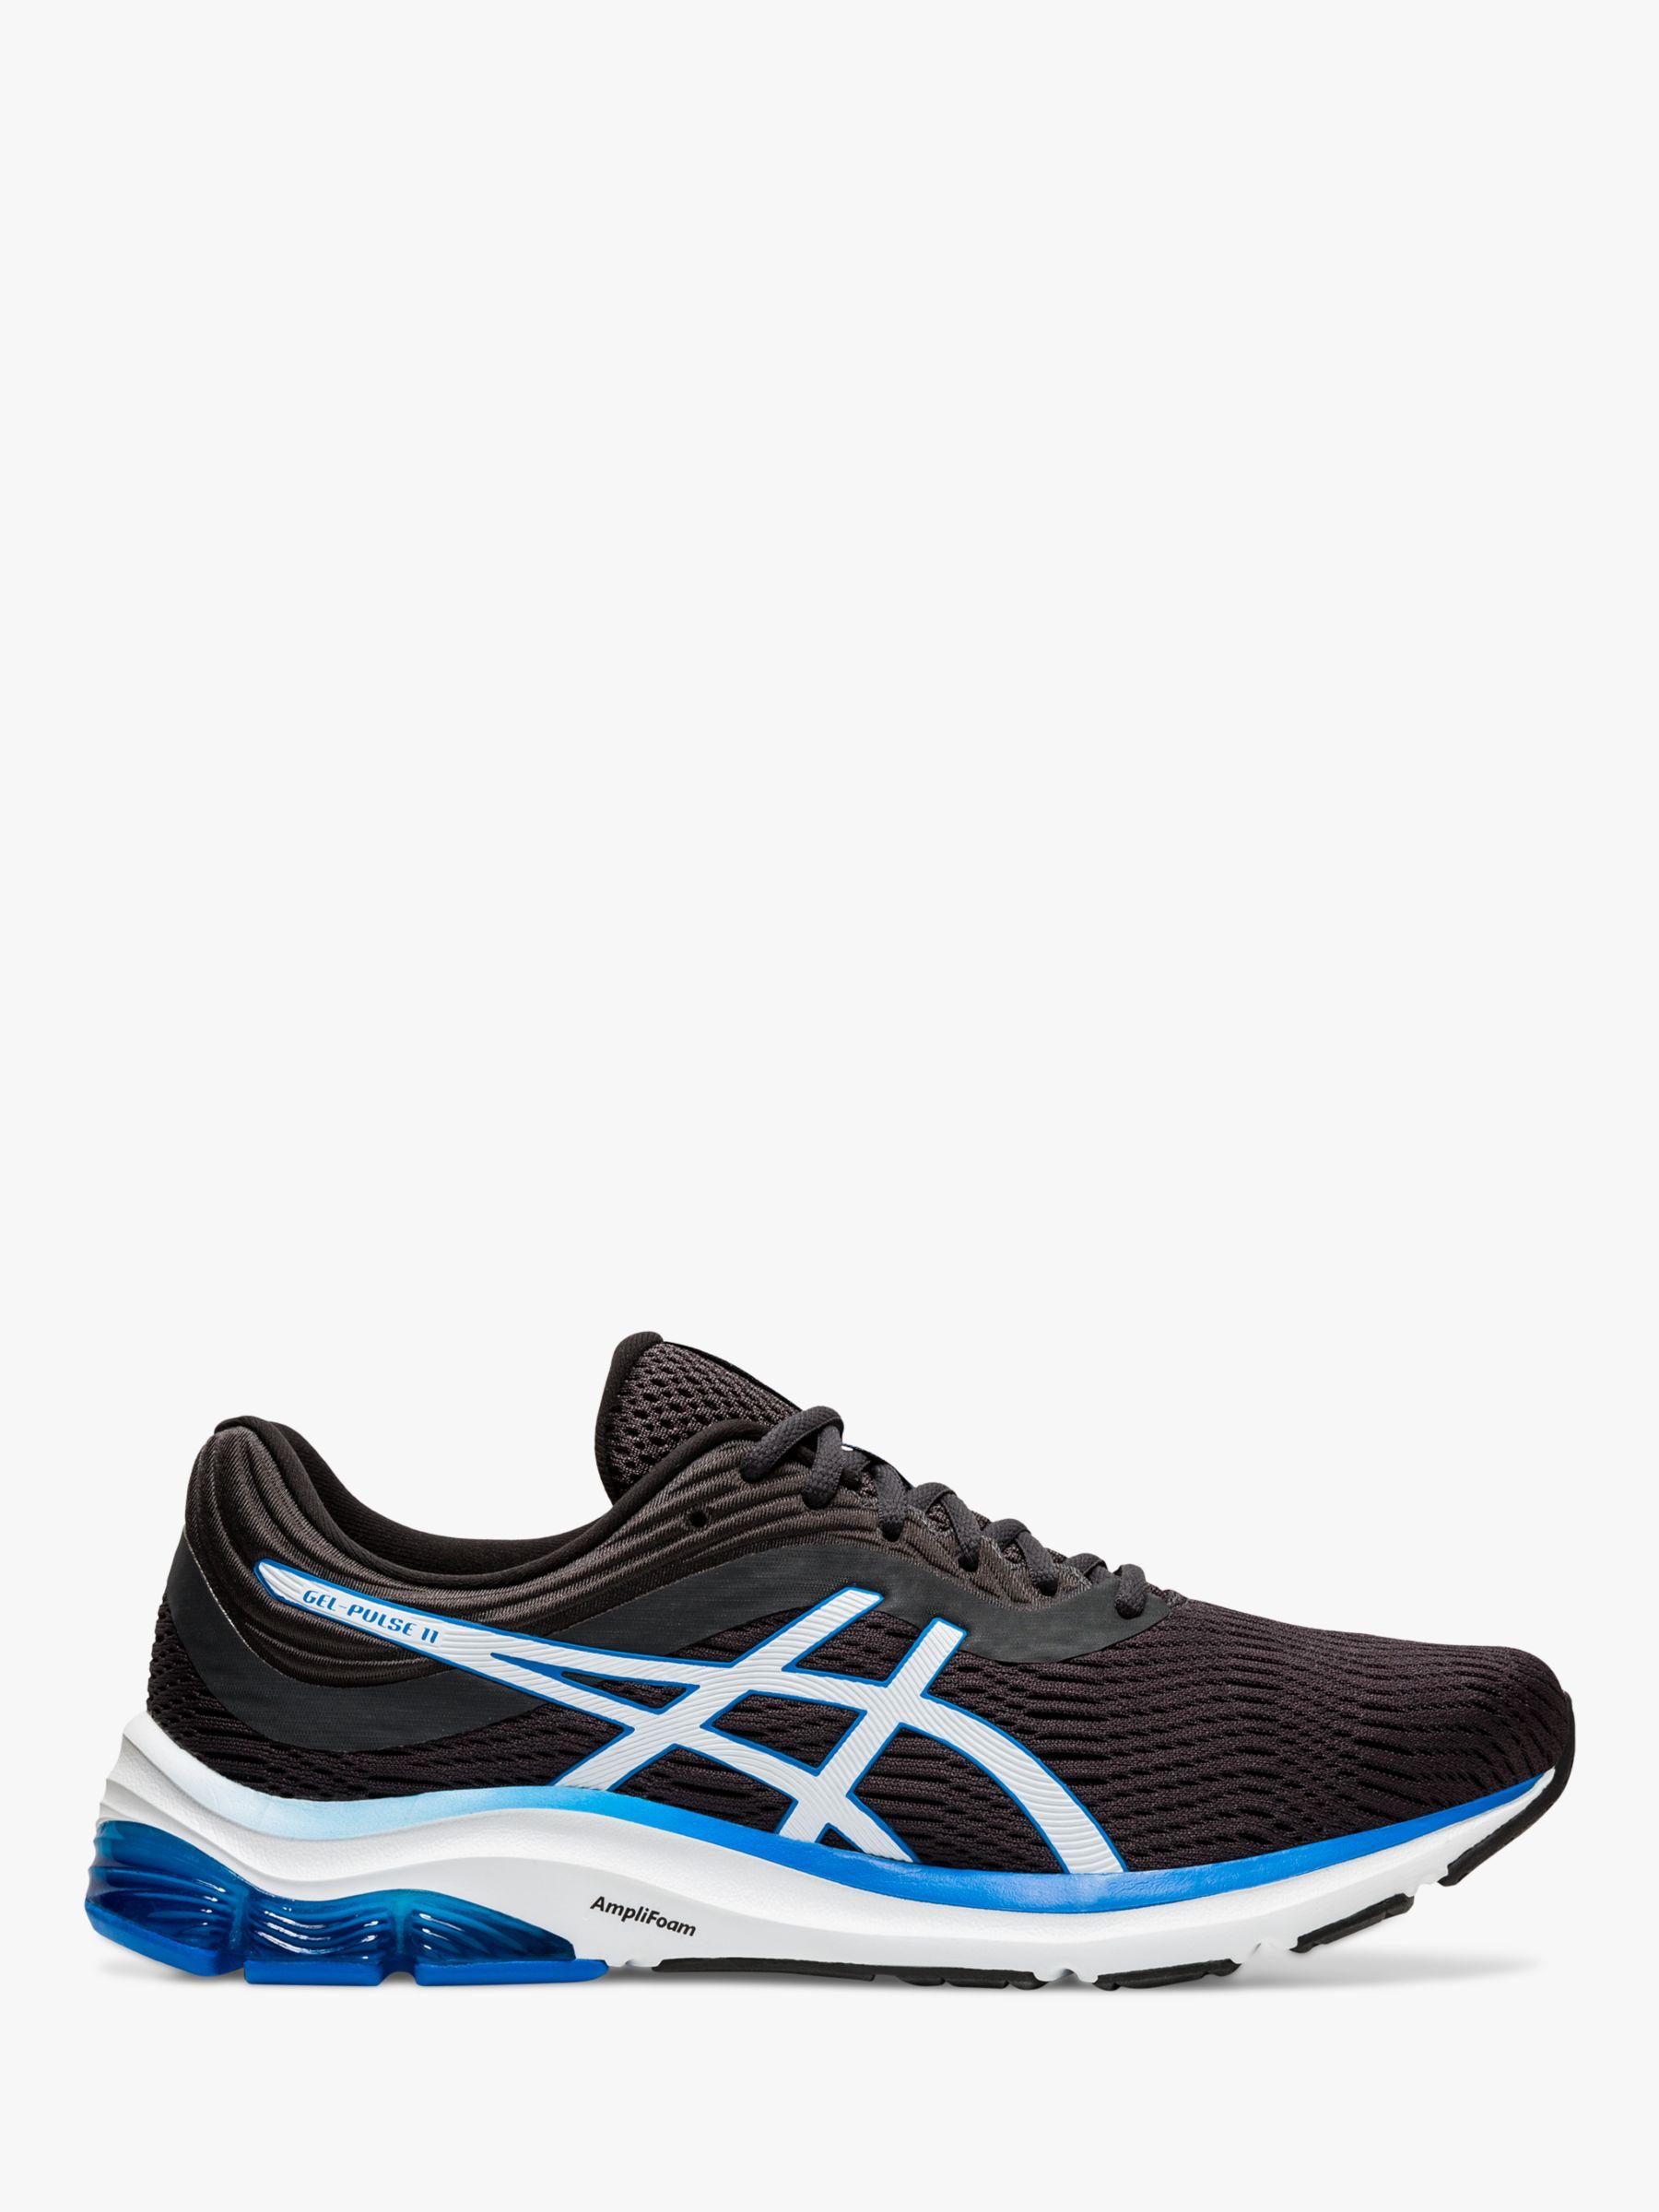 ASICS ASICS GEL-PULSE 11 Men's Running Shoes